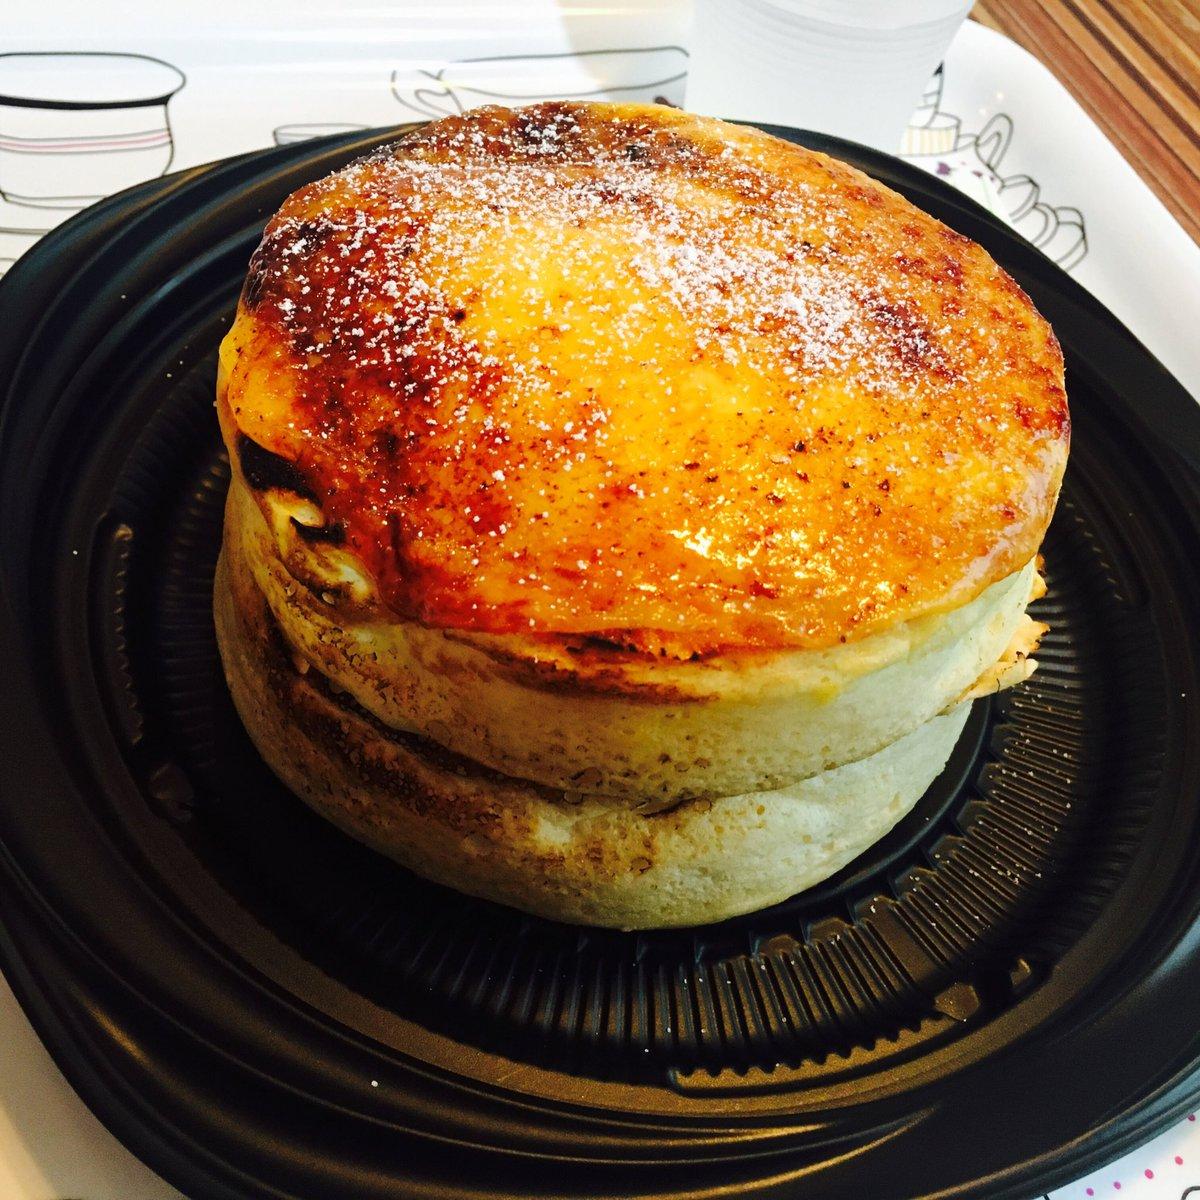 神様、私は至高のパンケーキに出会ってしまった… eggg Cafeのブリュレパンケーキ…650円…あまりの美味しさに語彙力を失って「やばみがやばい」しか言えなかった(;_;)